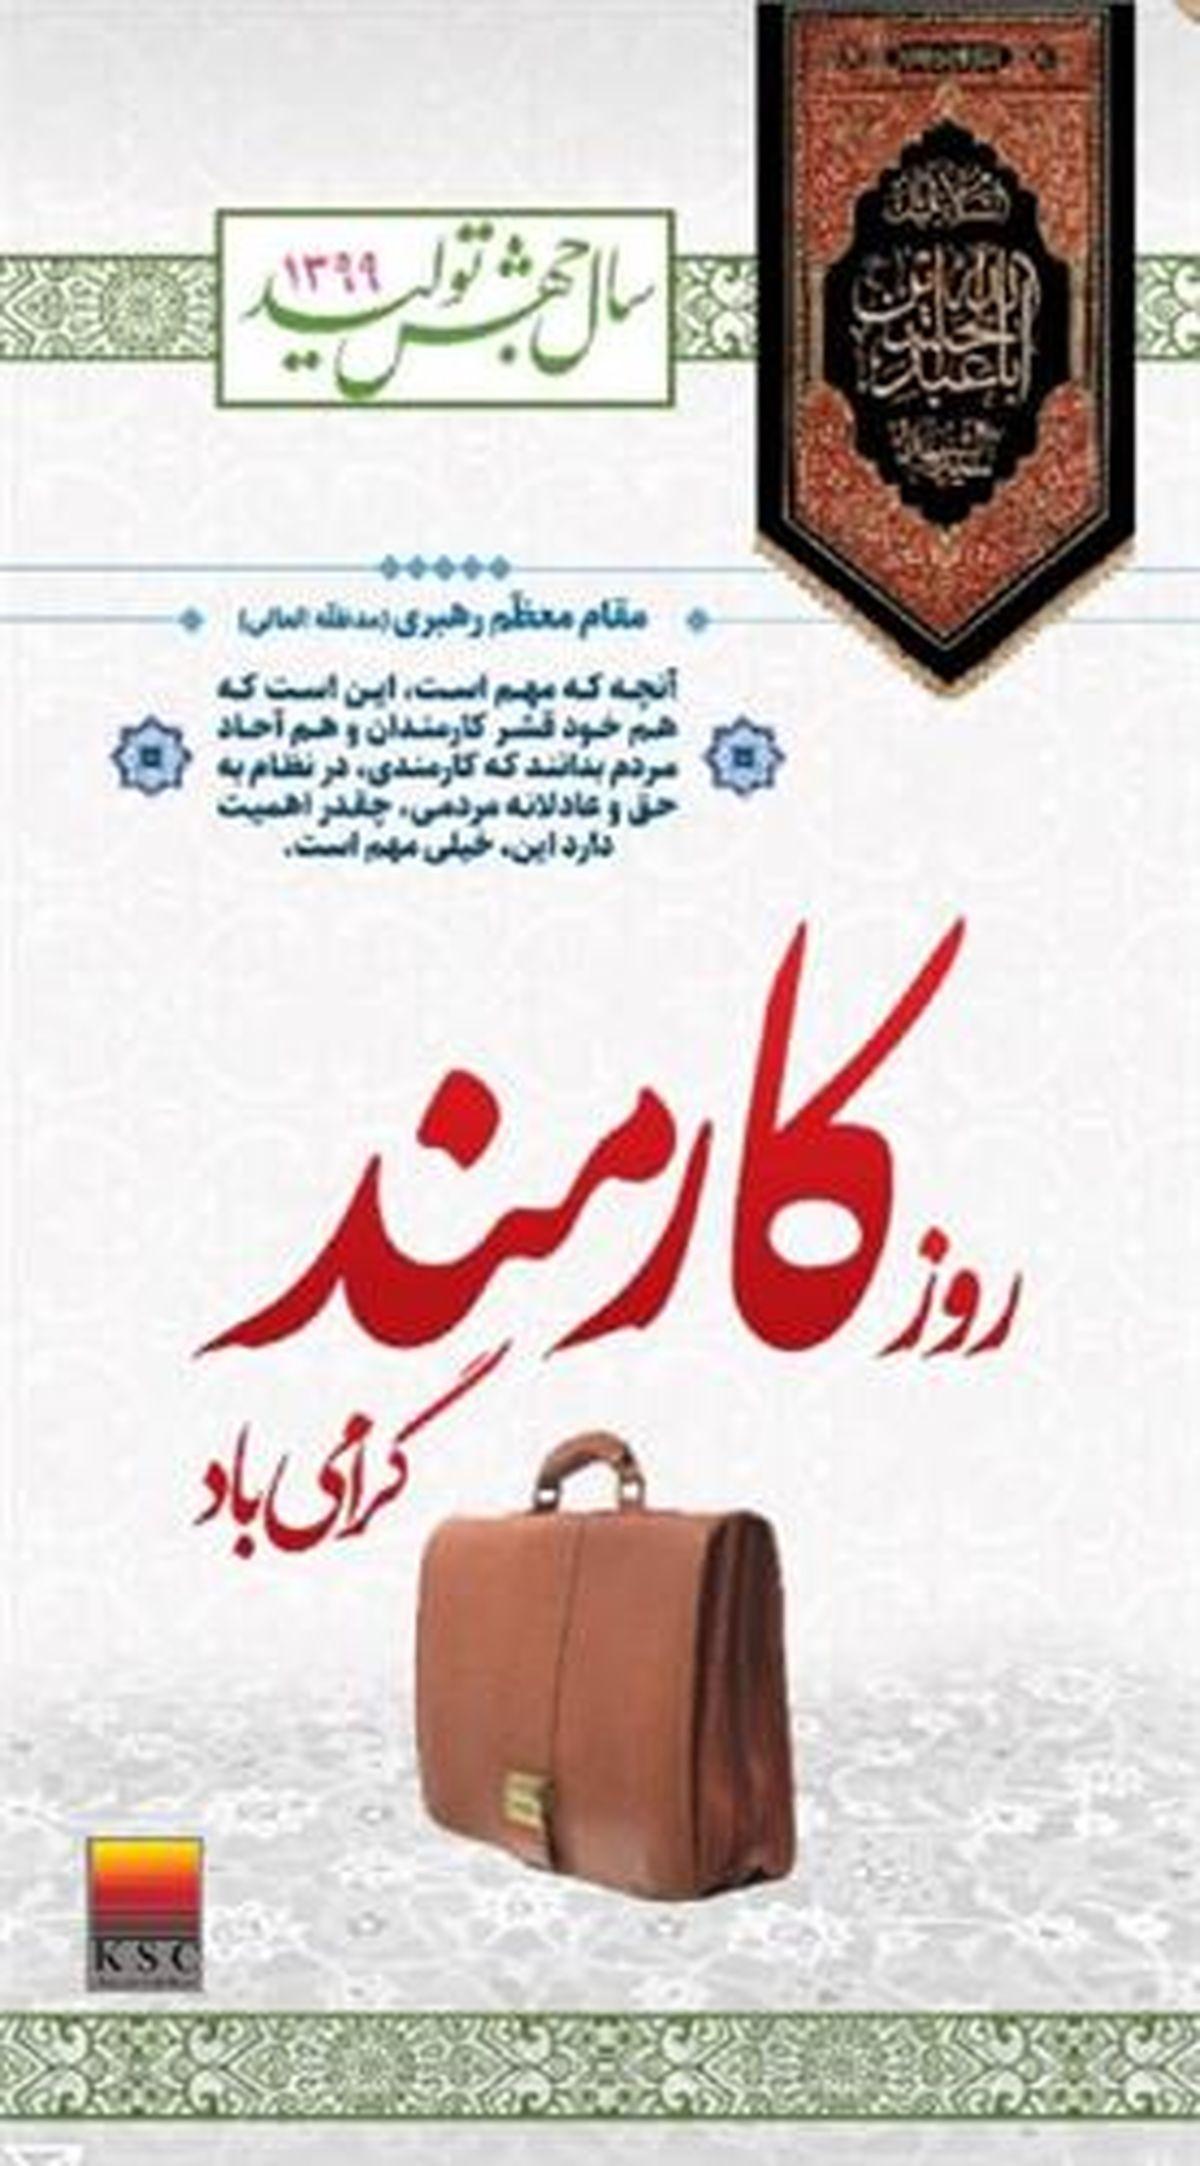 مدیرعامل فولاد خوزستان در پیامی روز کارمند را تبریک گفت